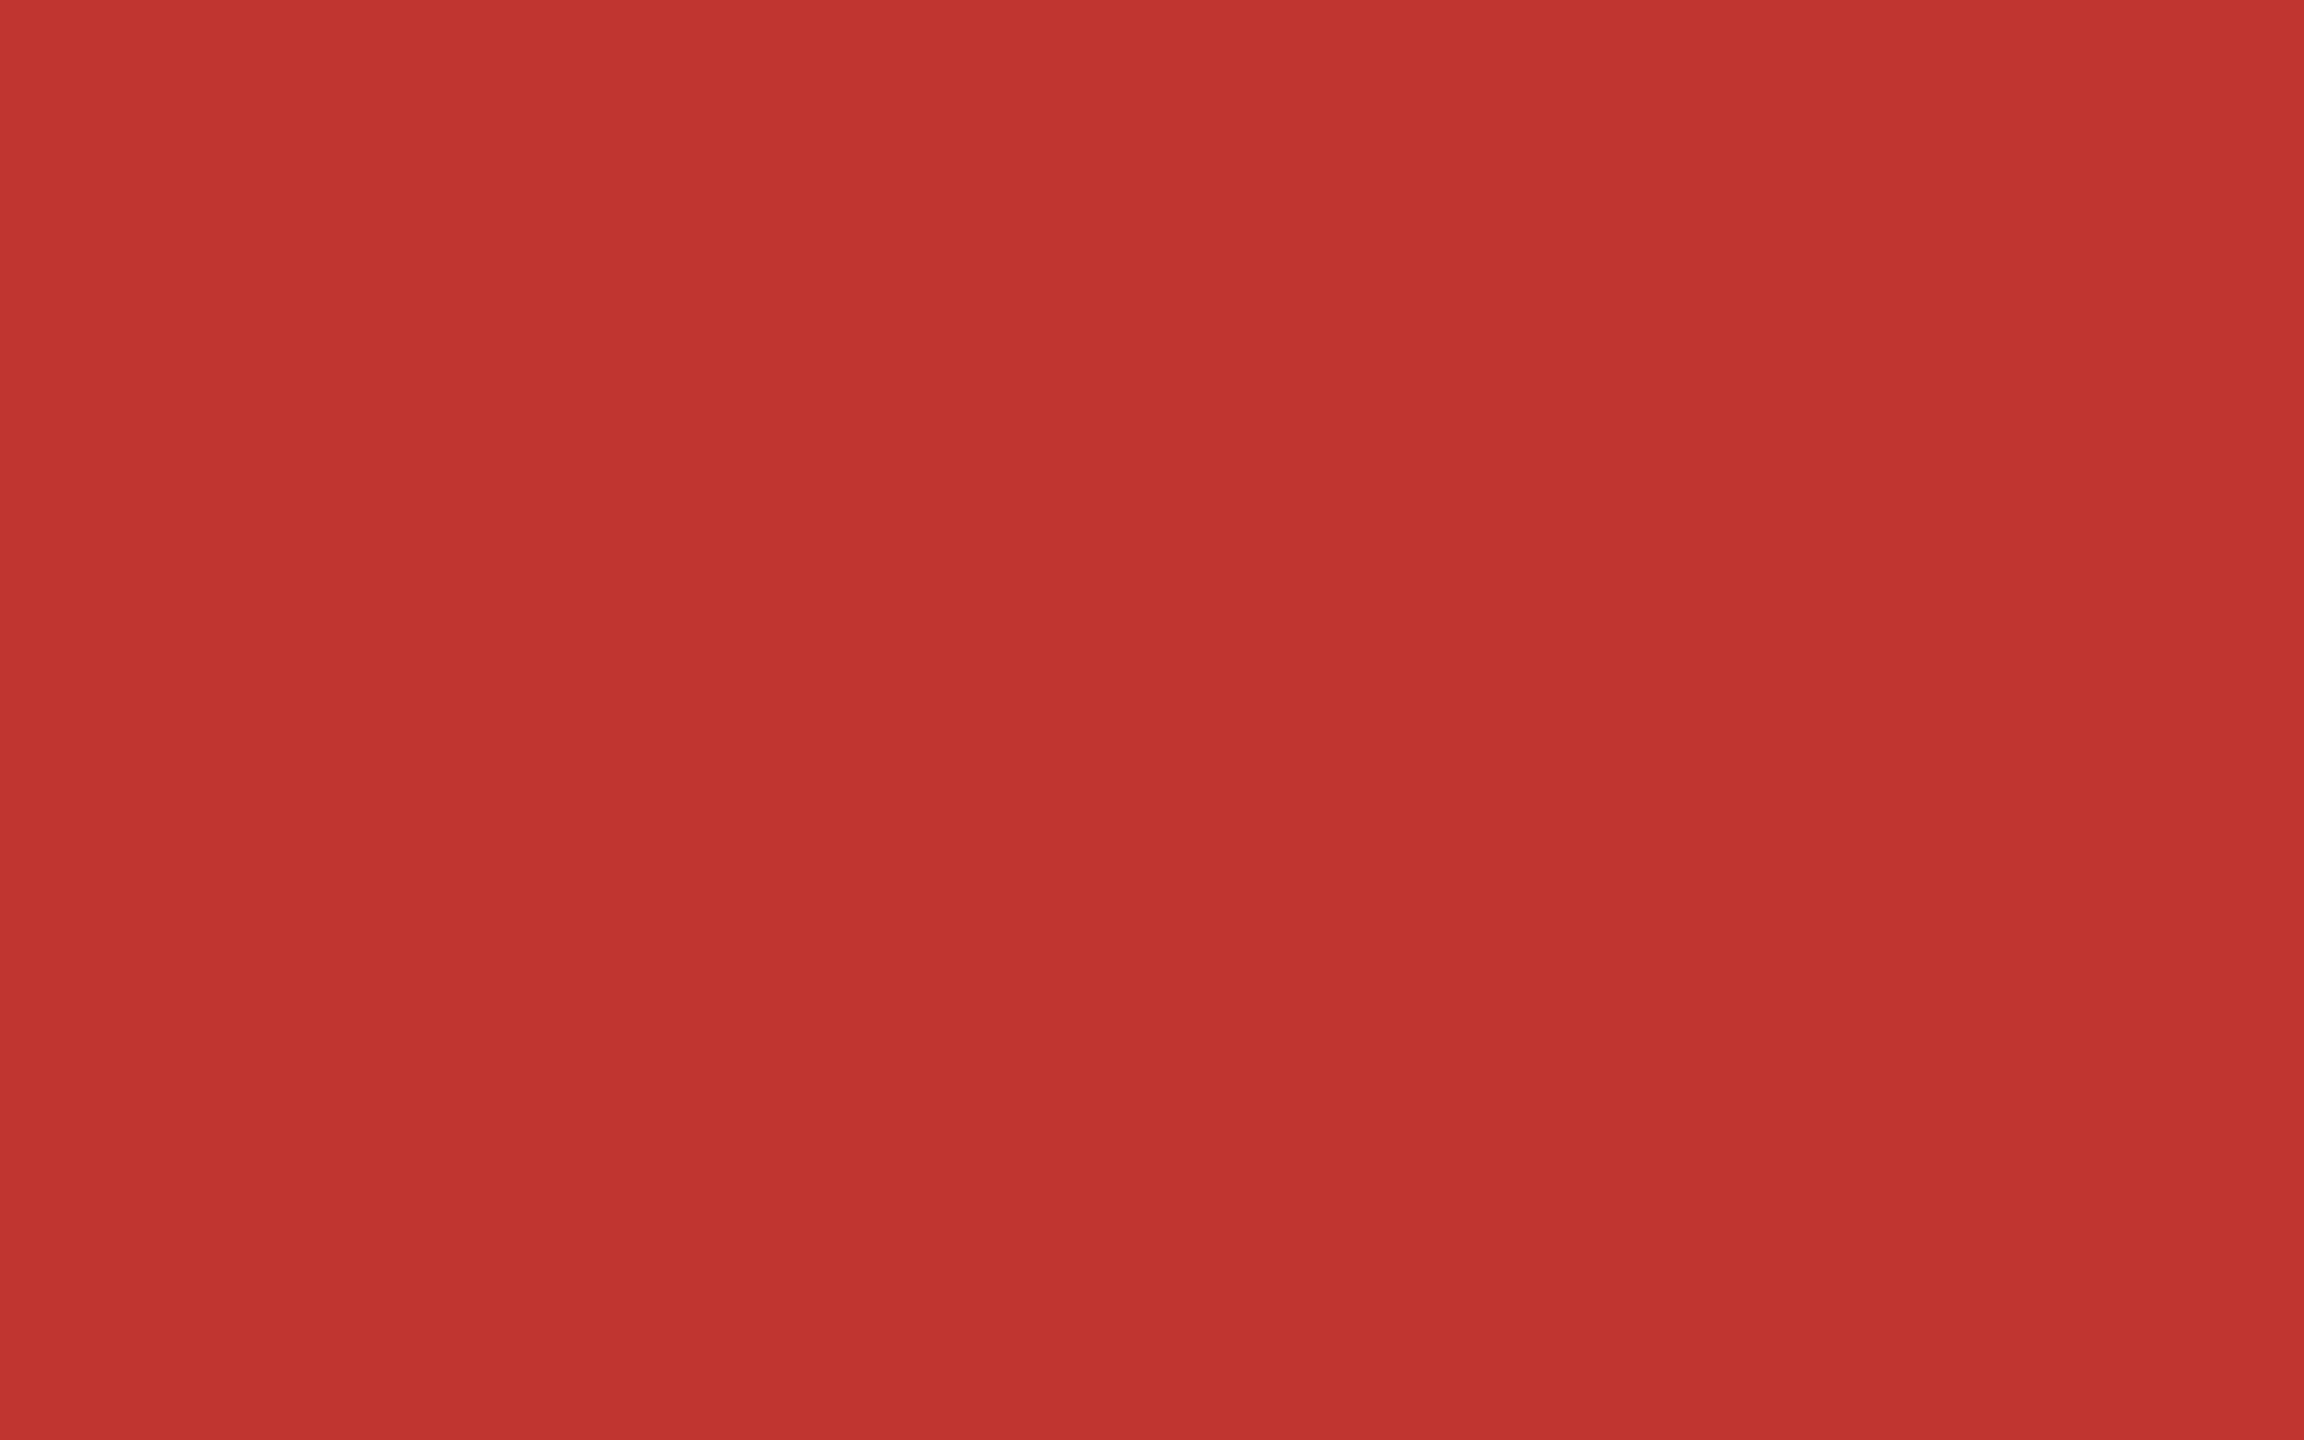 2304x1440 International Orange Golden Gate Bridge Solid Color Background